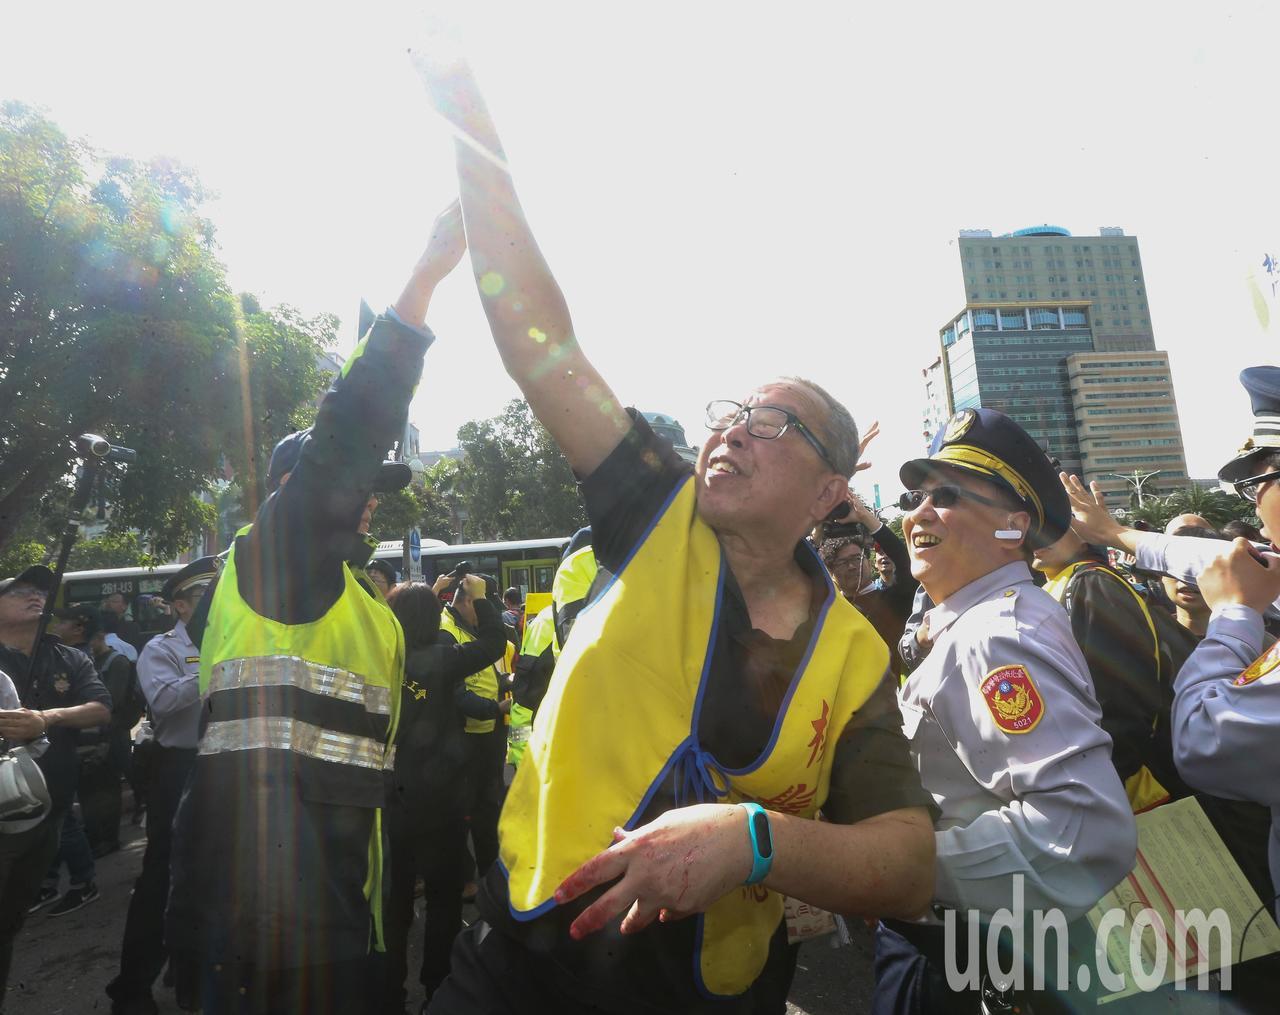 各勞團工會代表今天上午齊聚行政院前抗議,最後朝著行政院大門投擲紅色水球,警方則在...